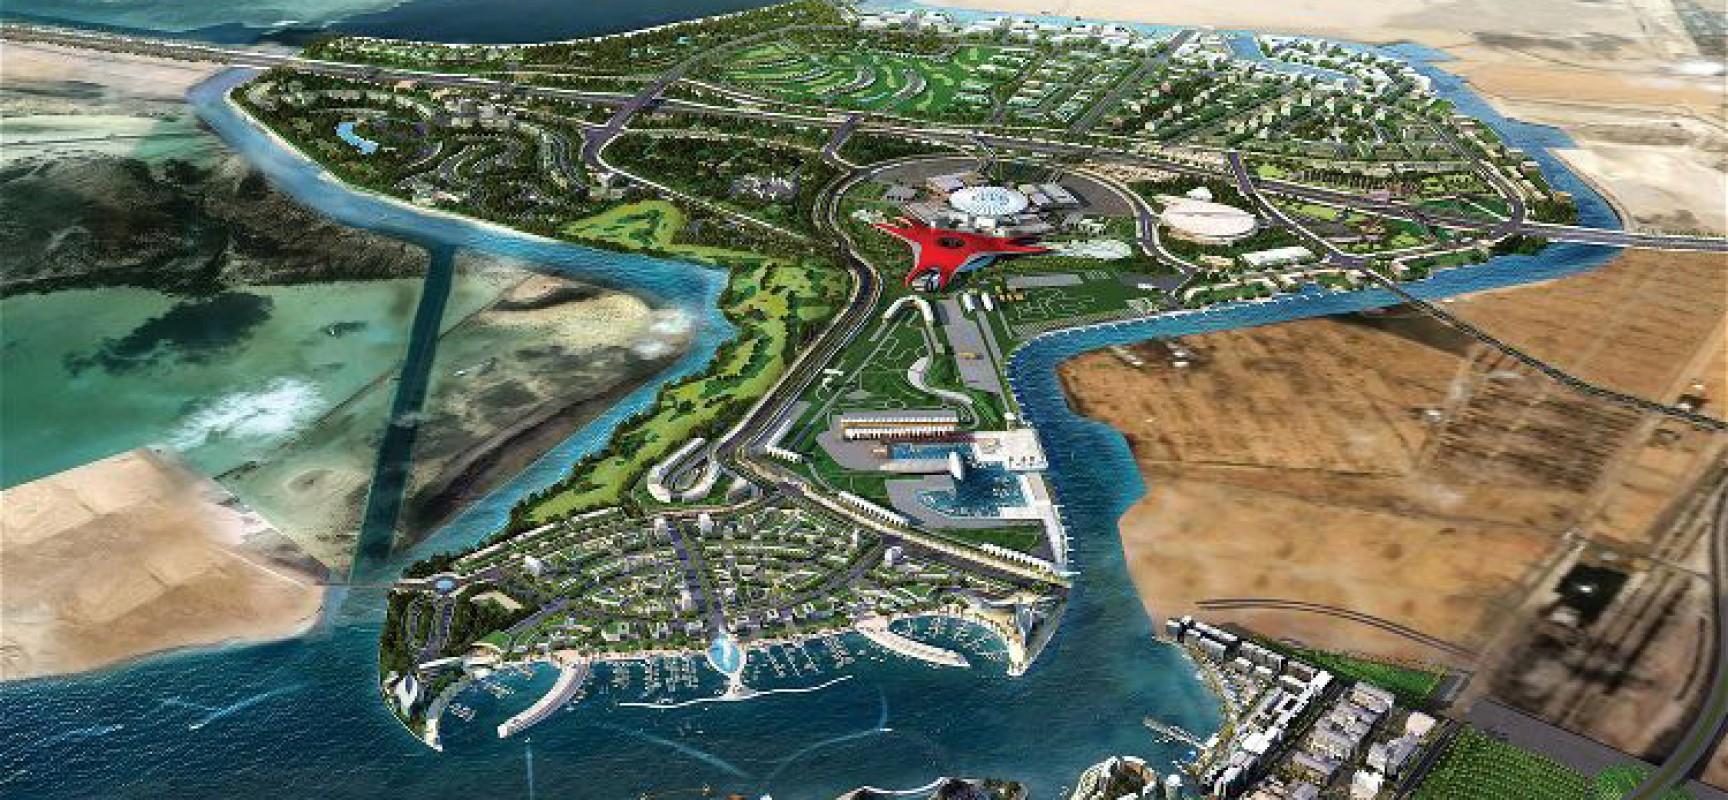 Ferrari North Europe >> Ferrari World The Biggest Indoor Theme Park | Travel Featured